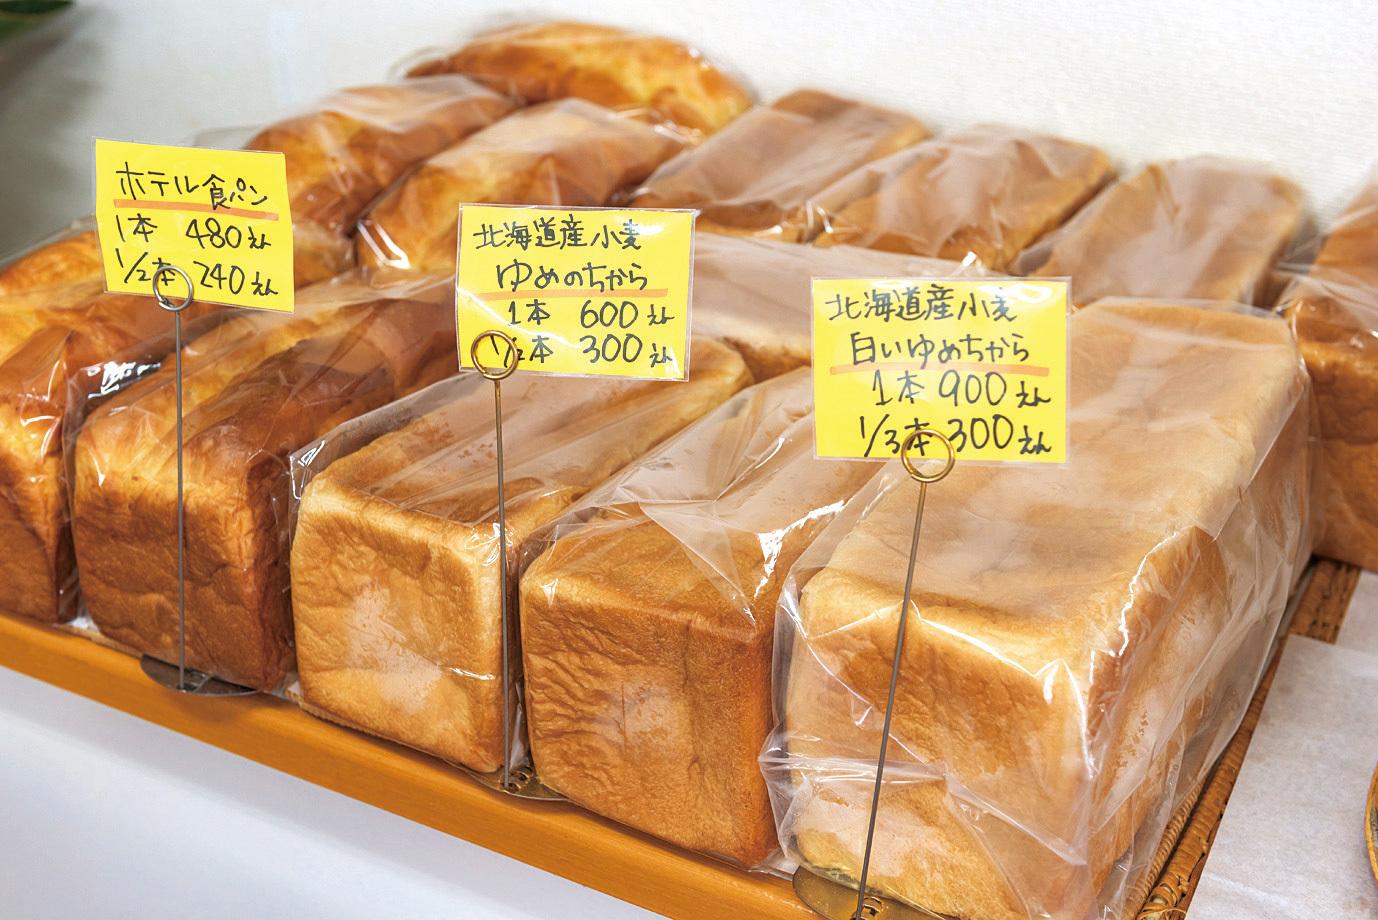 全粒粉や国産小麦をメインに使用